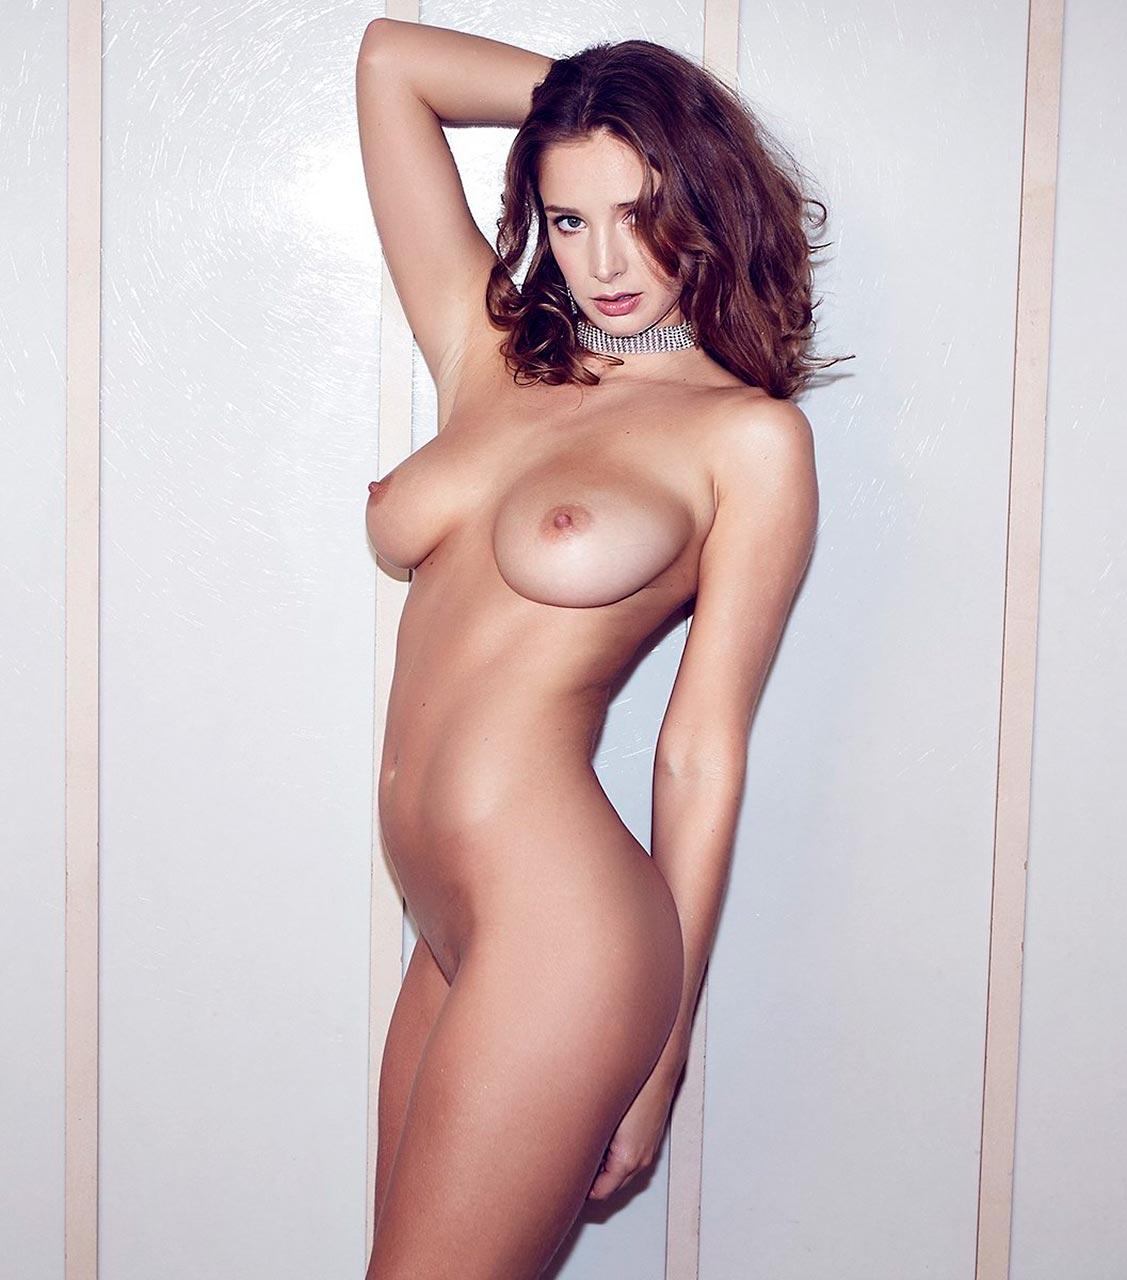 Emily agnes porn